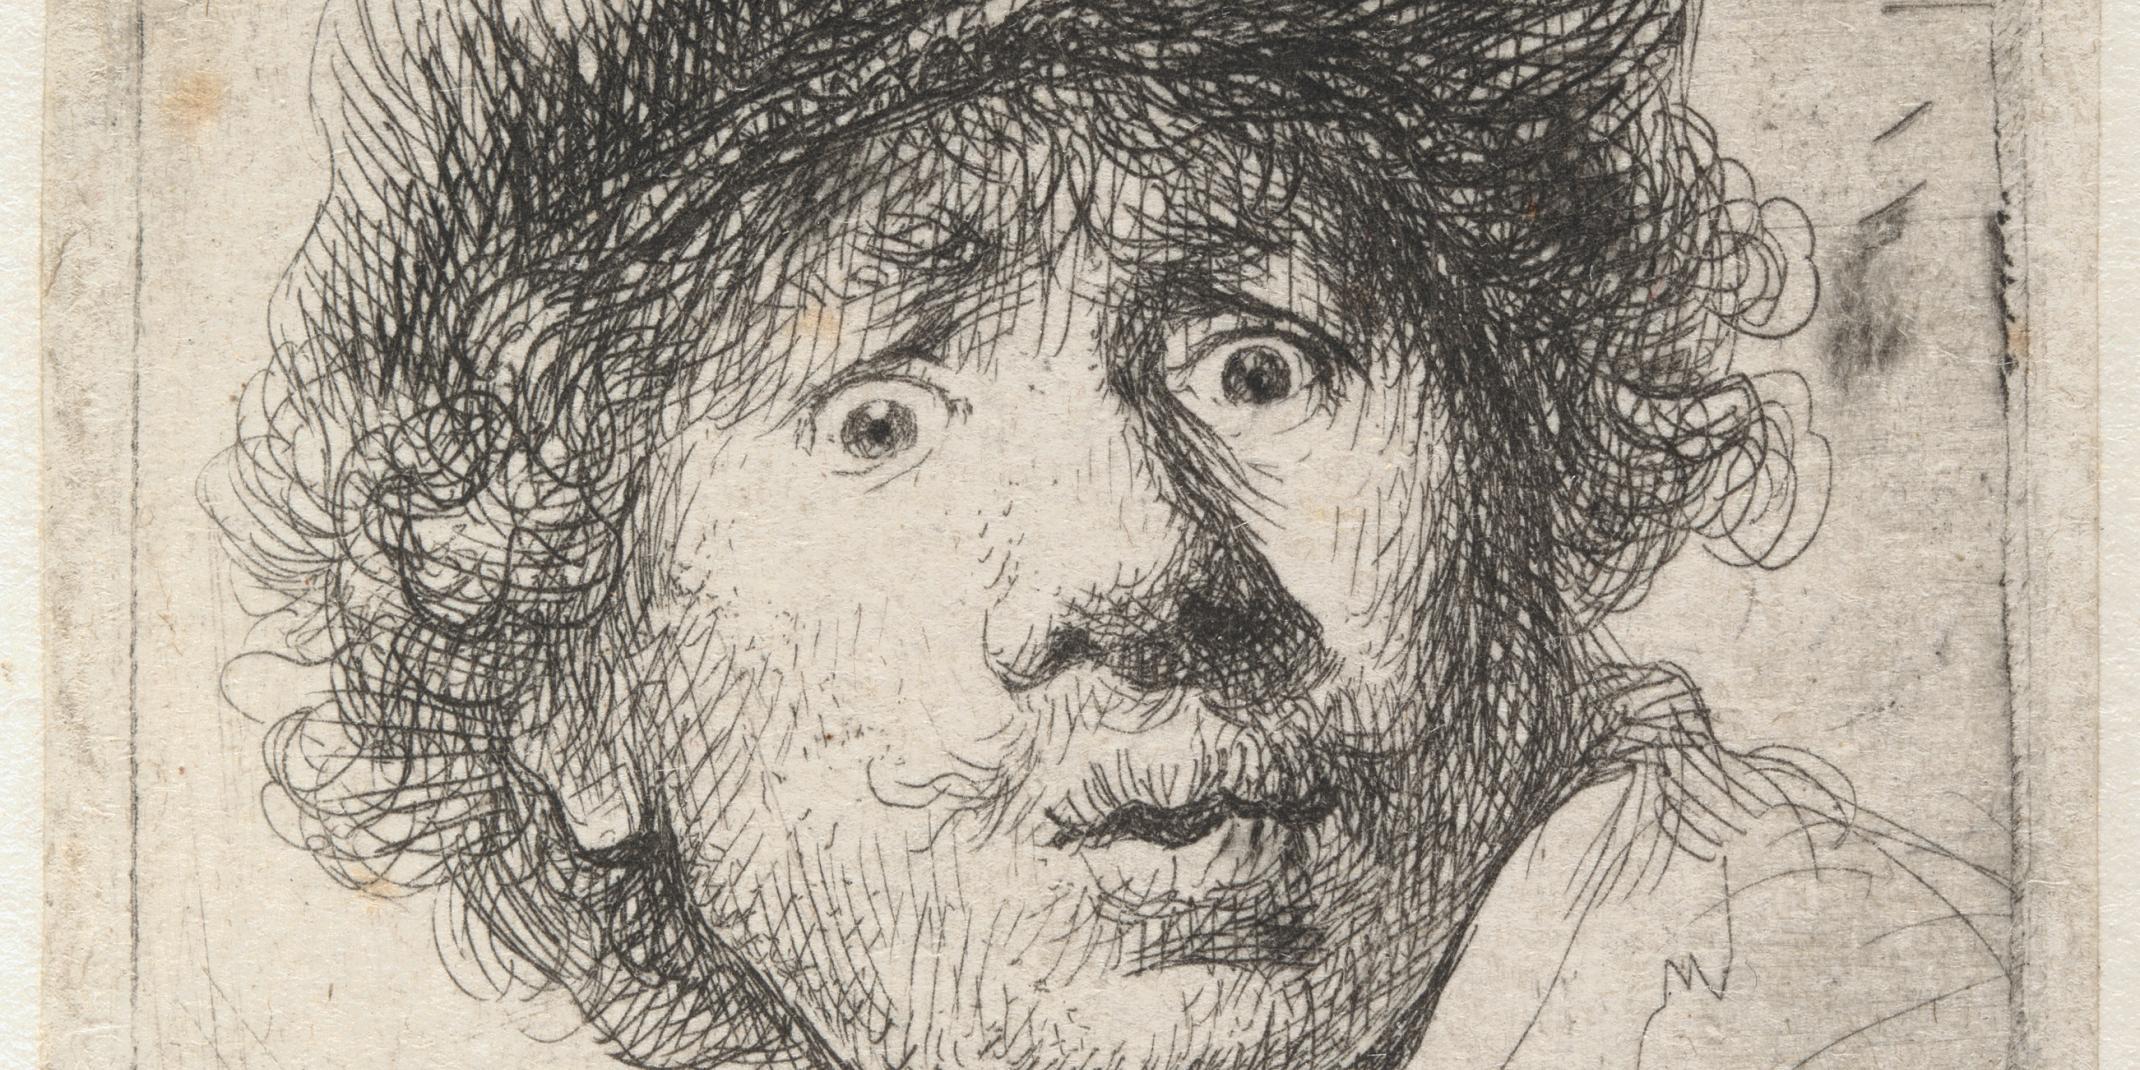 Rembrandt Harmensz. van Rijn (1606–1669). Selbstbildnis mit Mütze, den Mund geöffnet (Ausschnitt) 1630 Radierung, 51 x 46 mm © Hamburger Kunsthalle / bpk Foto: Christoph Irrgang